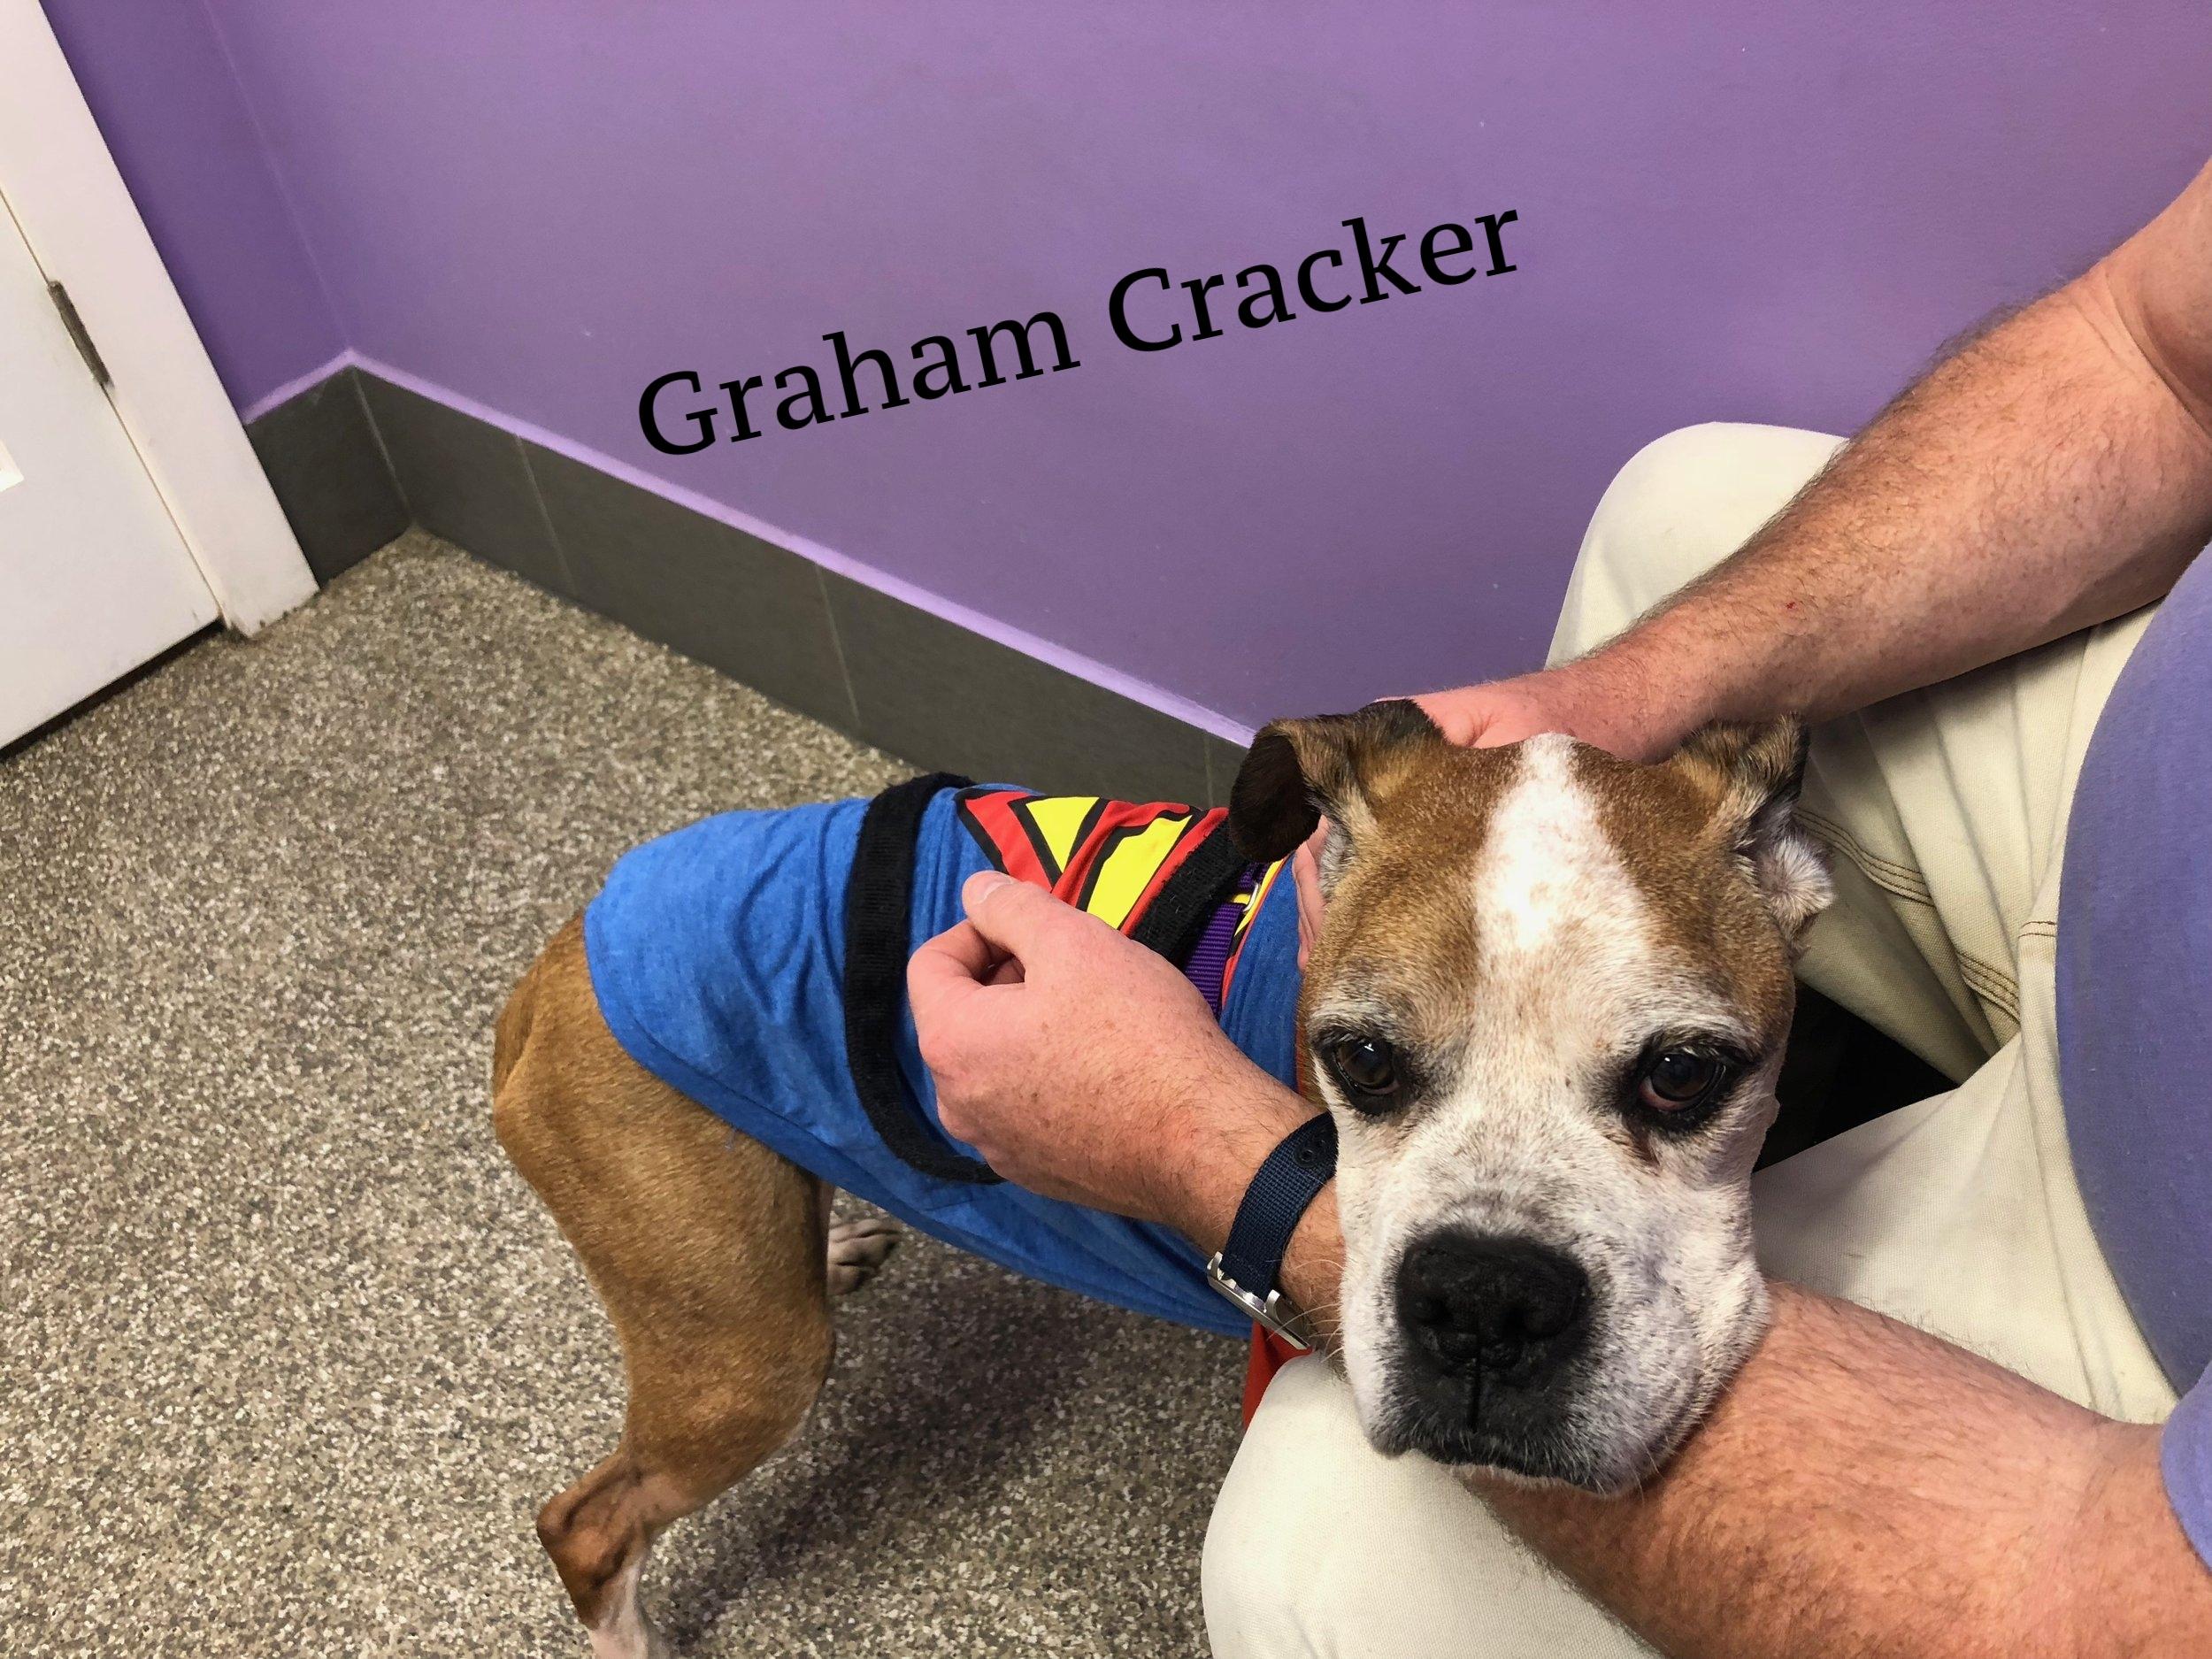 graham cracker.JPG